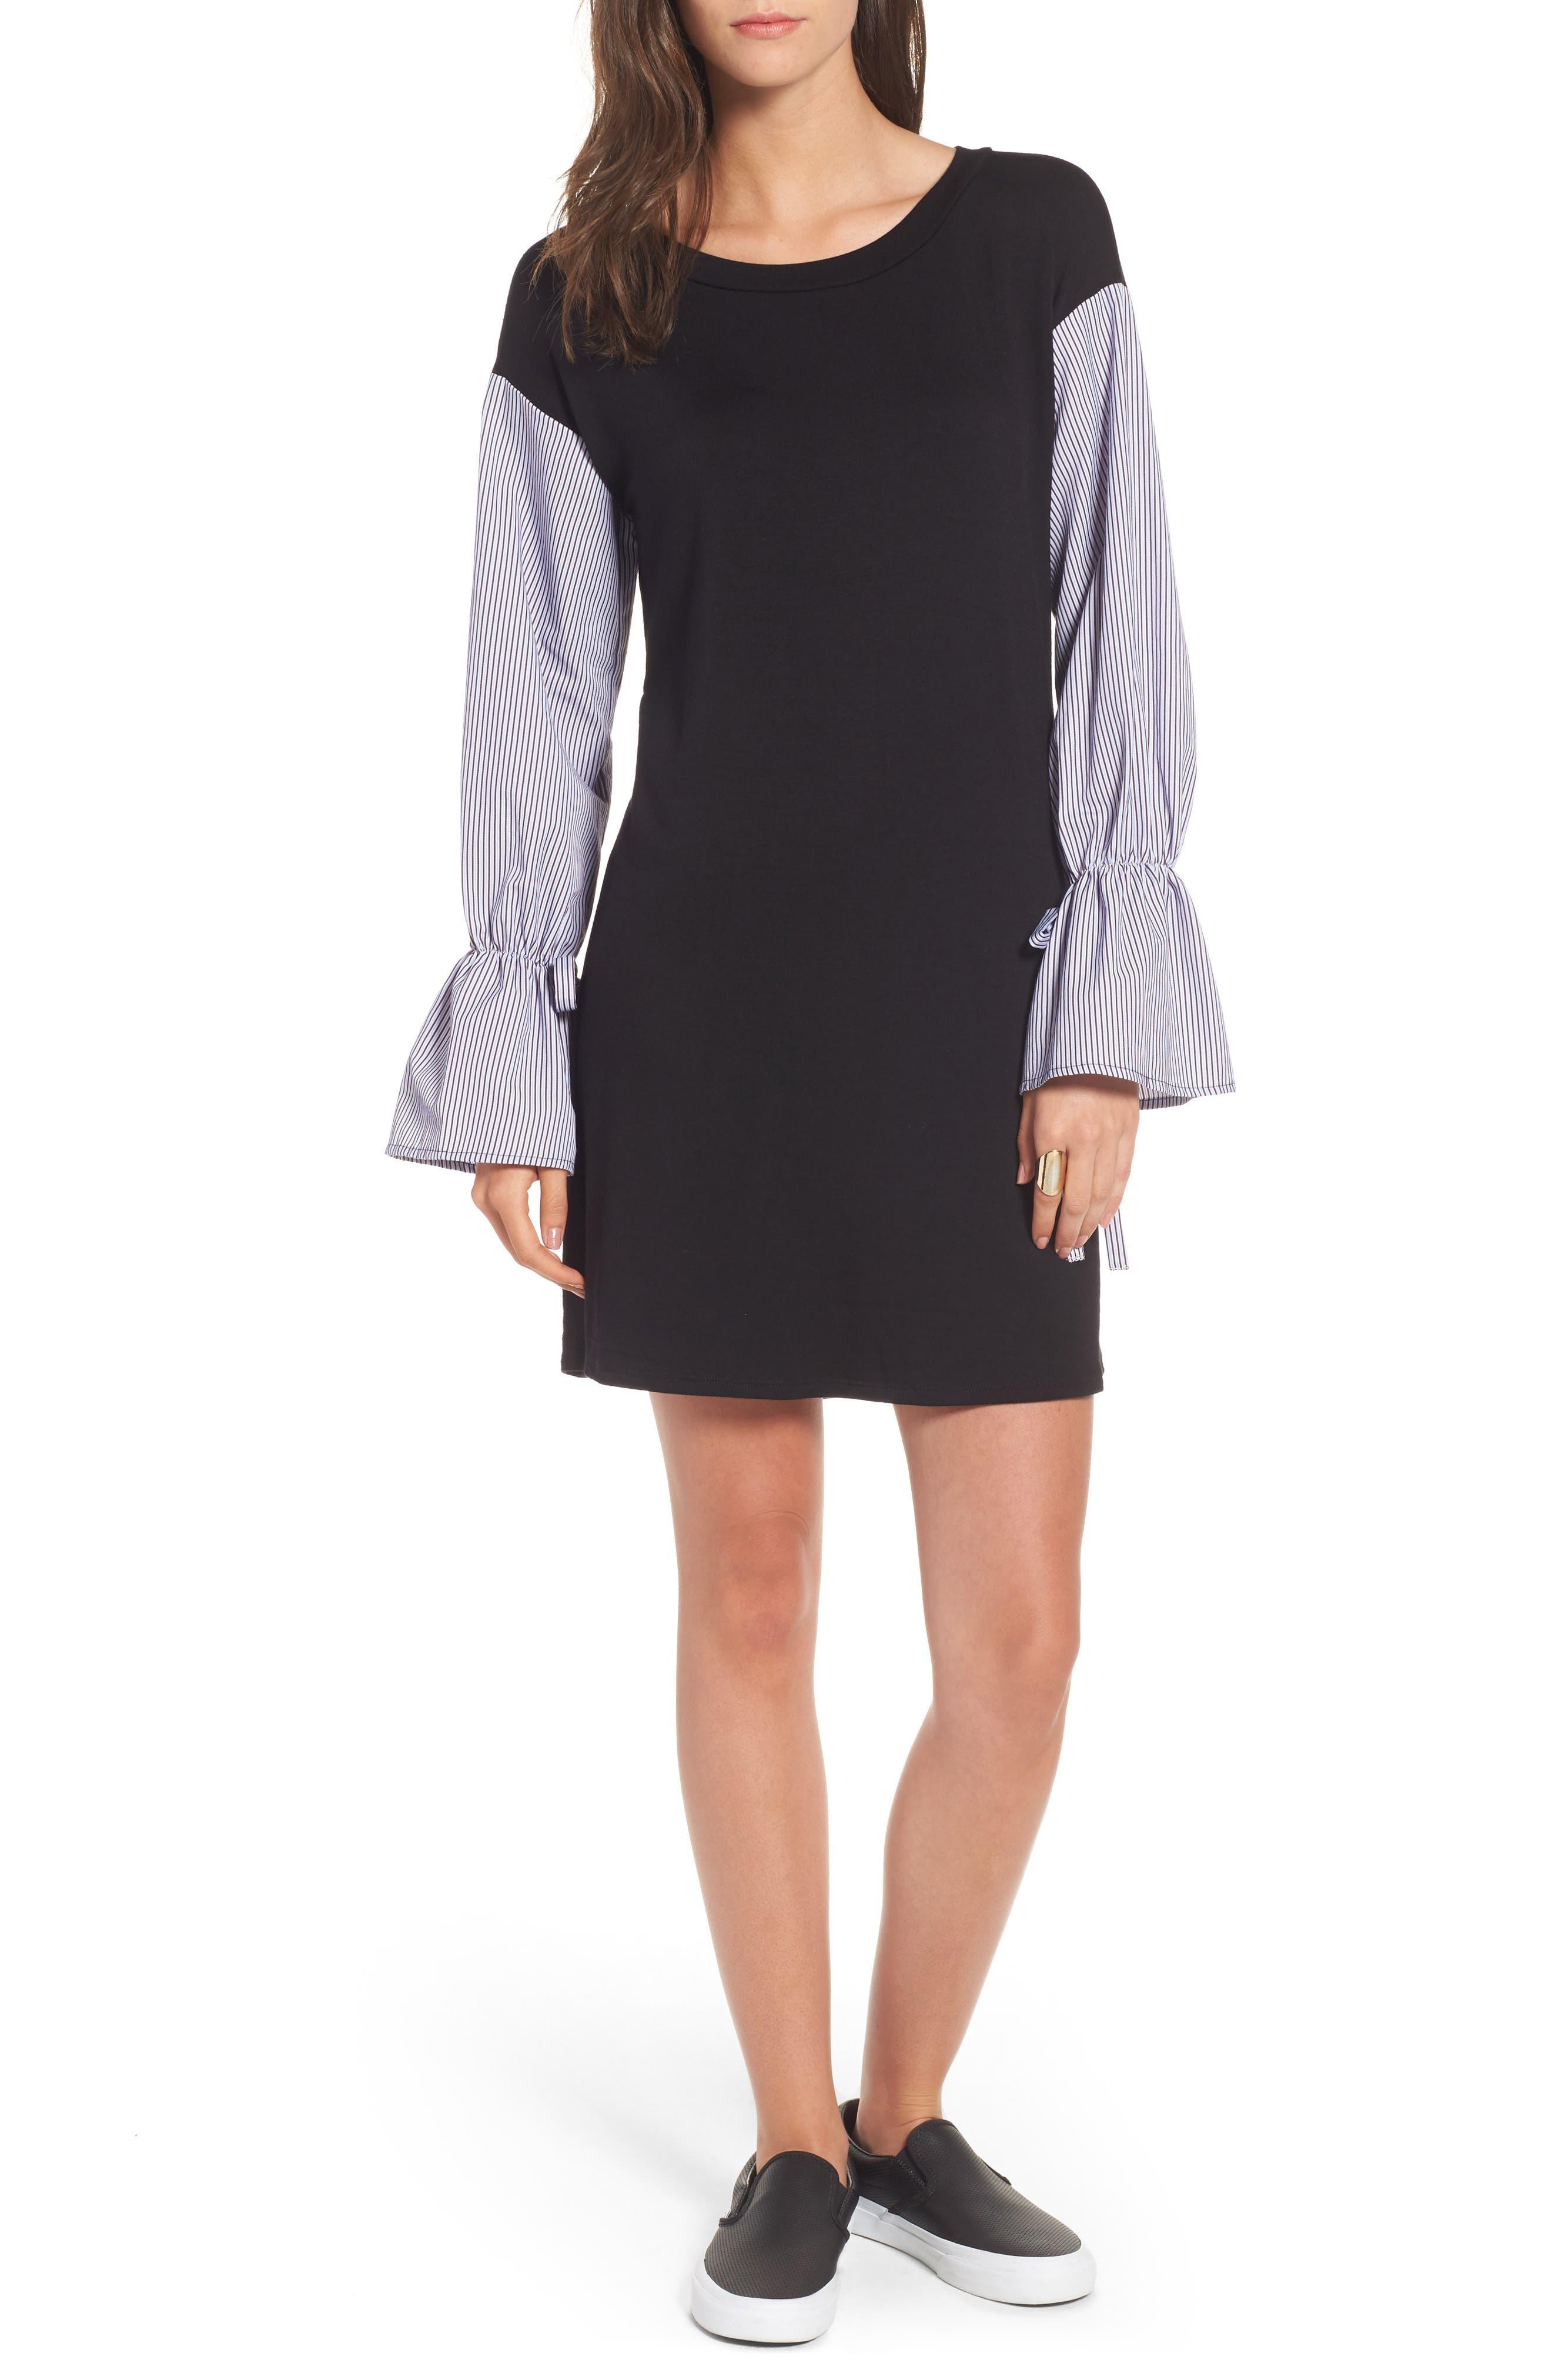 Socialite Poplin Sleeve Sweatshirt Dress